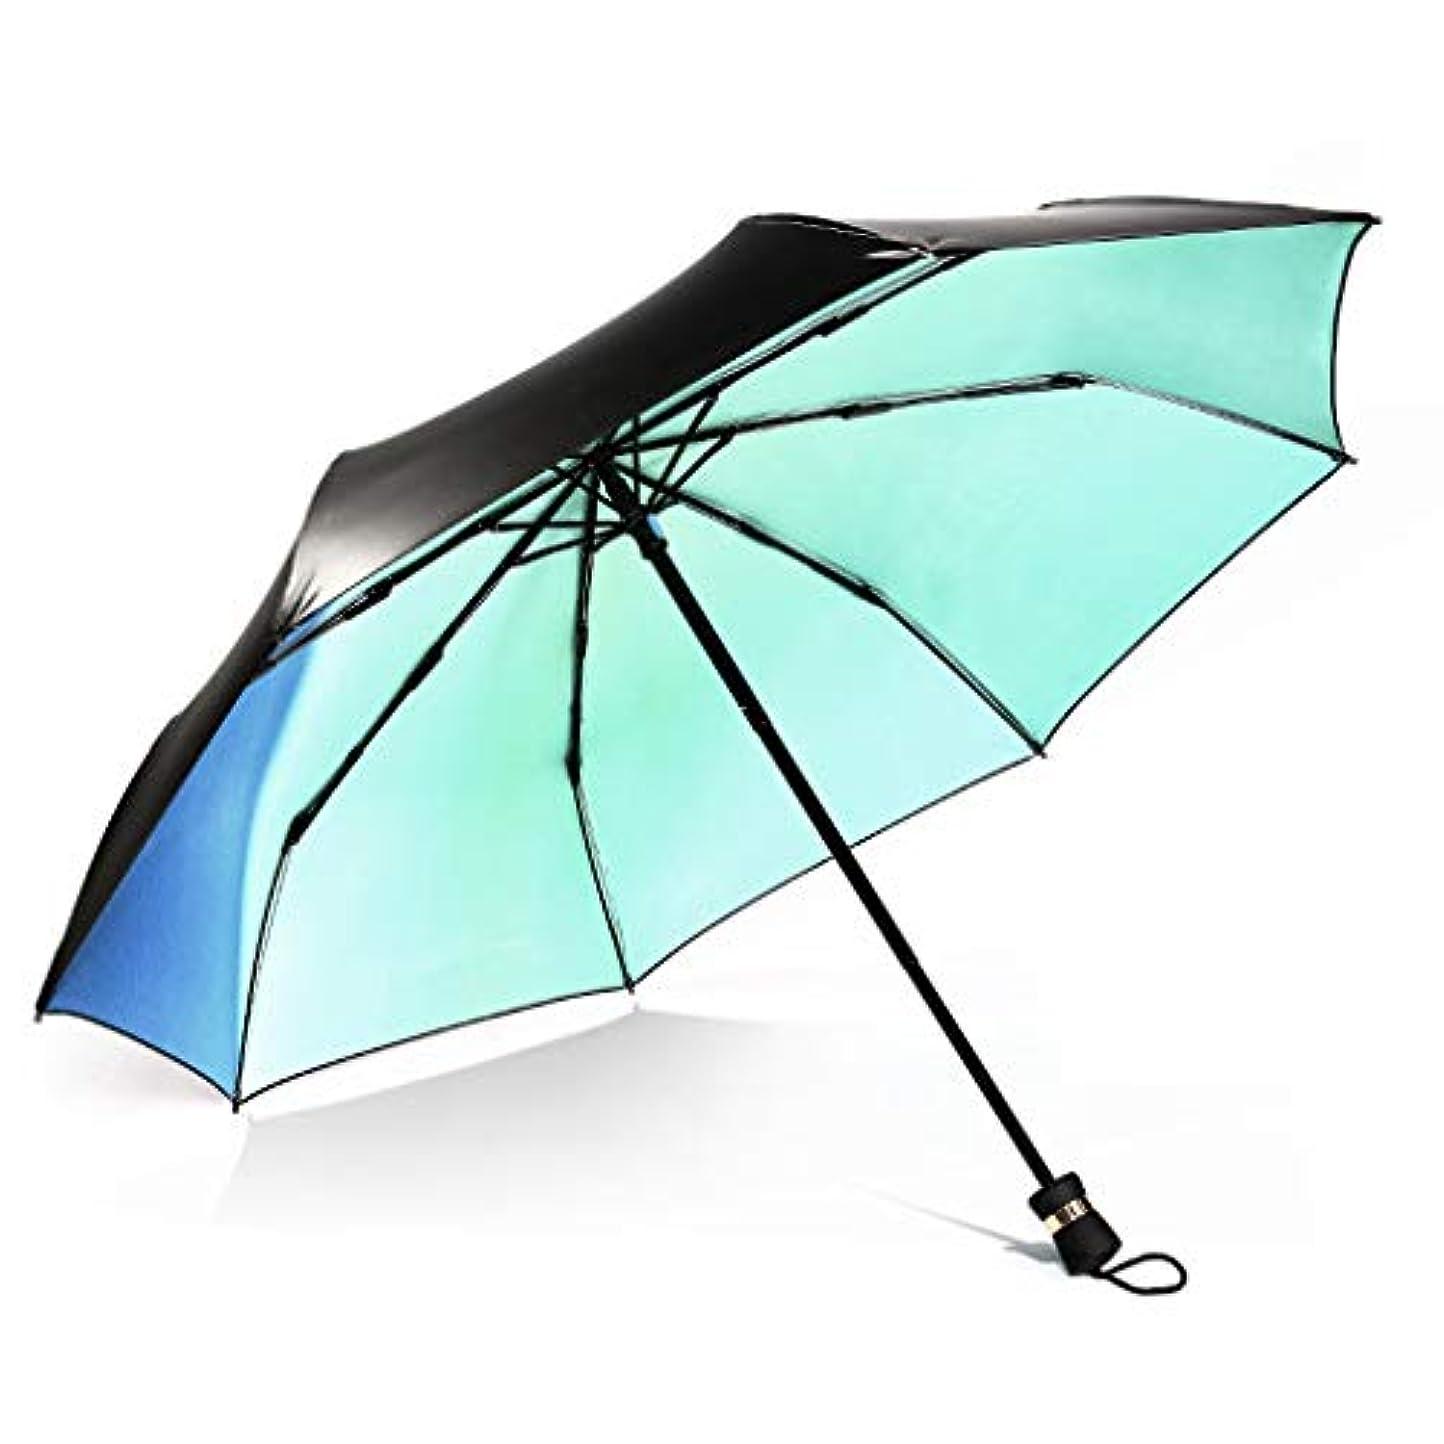 運ぶ優勢同一性油絵創造的な折りたたみ太陽傘グラデーションカラー傘抗UV傘傘 ズトイビー (Color : A)